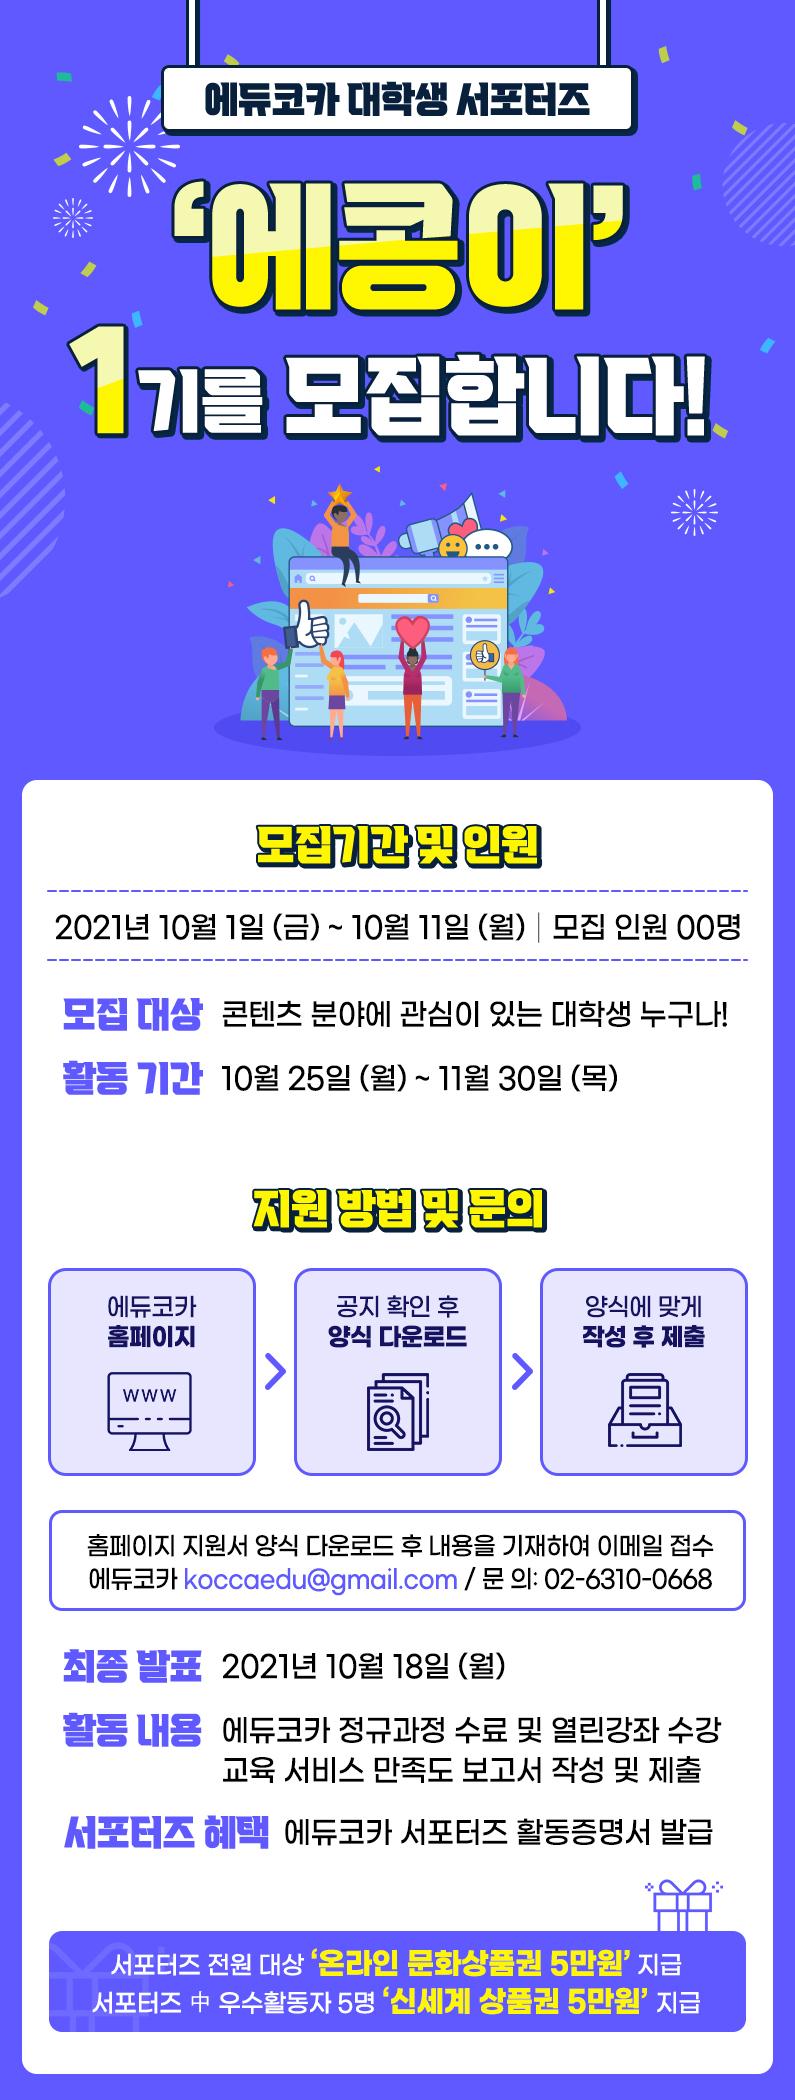 에듀코카 서포터즈 '에콩이' 1기 모집 기간: 10/1(금)~10/11(월)까지 모집 인원: 00명